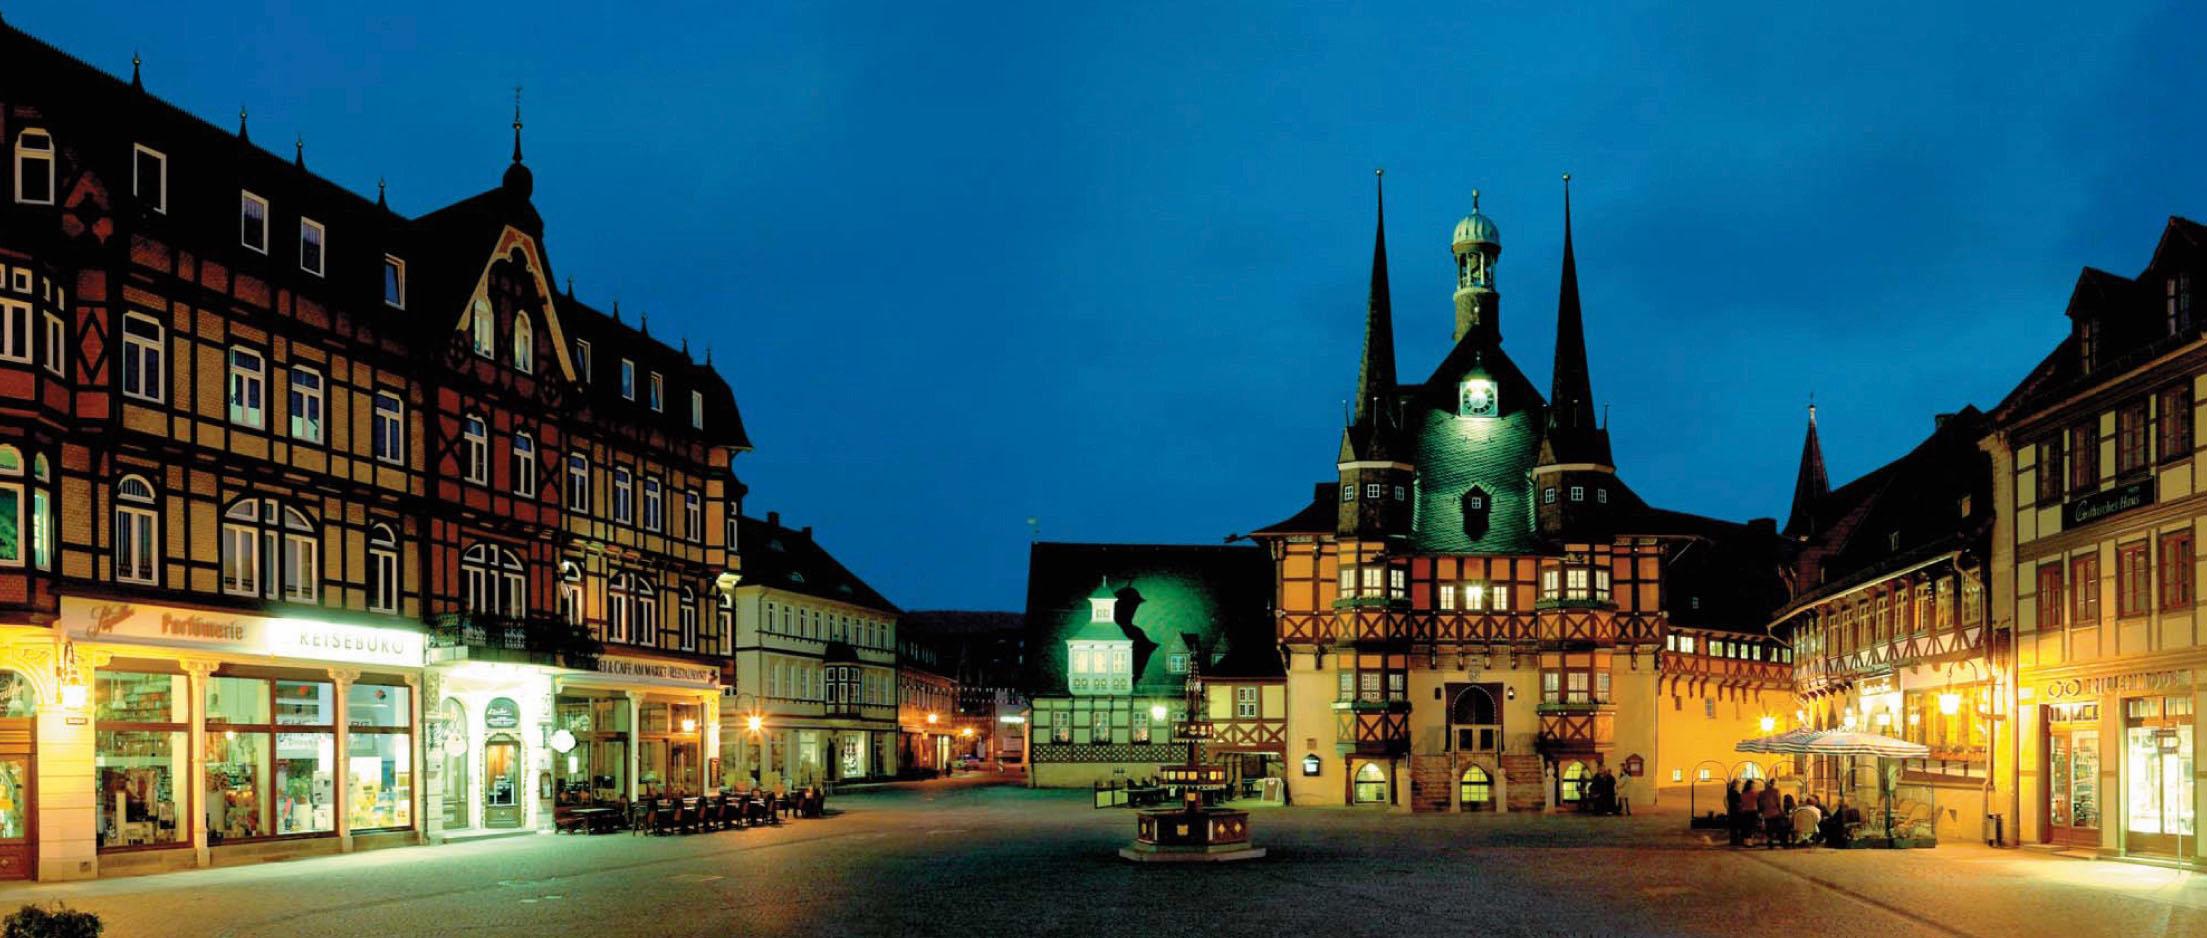 Wernigerode Hotel Wellness